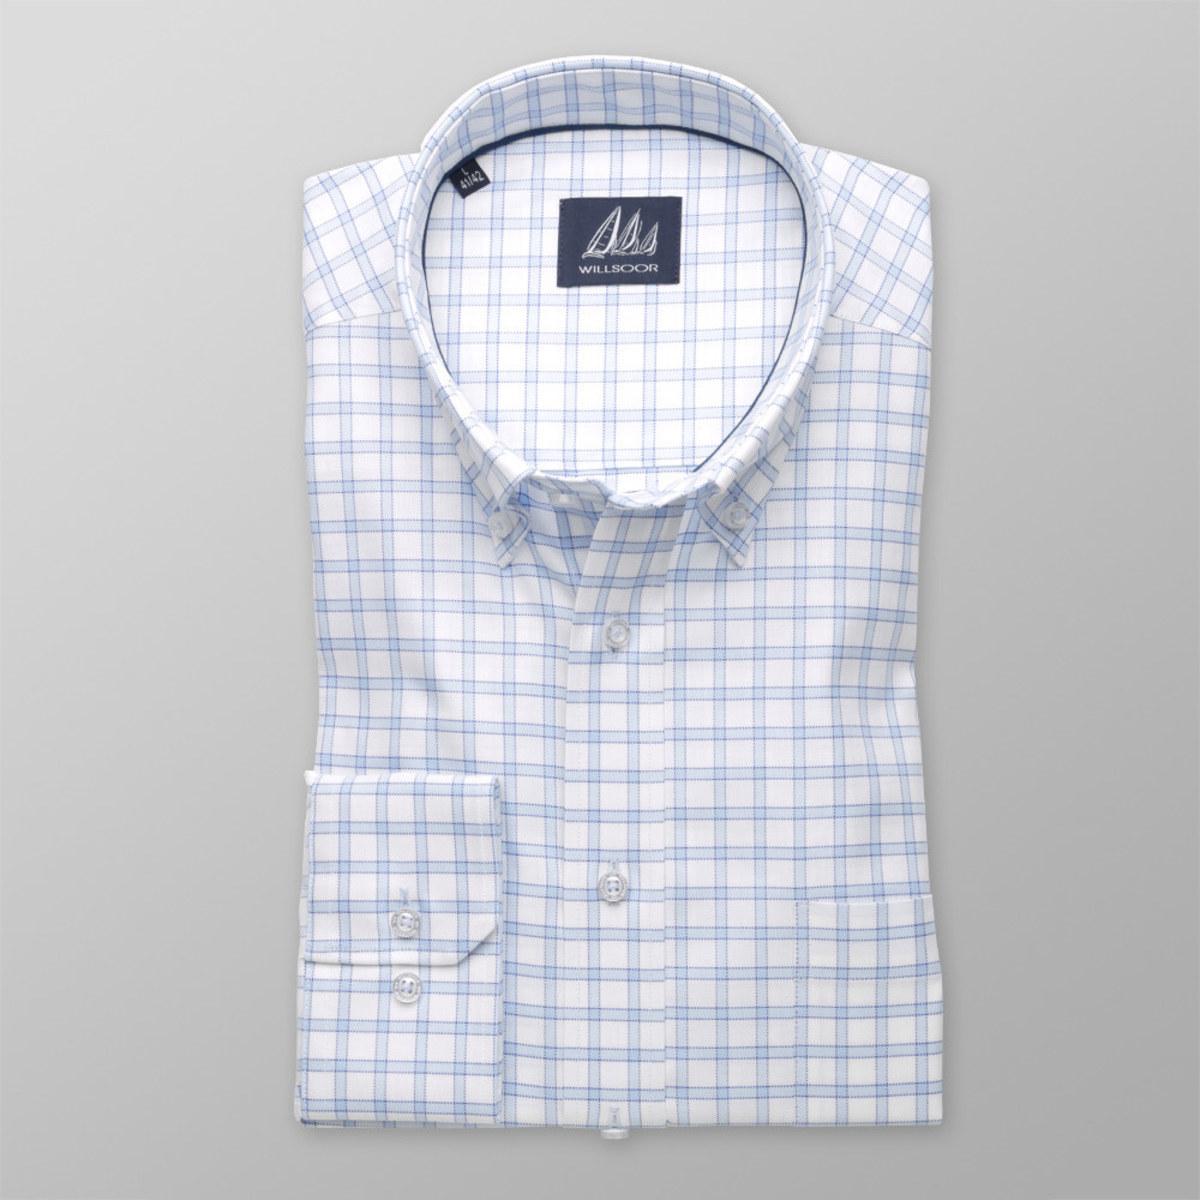 Pánská klasická košile (výška 176-182) 8305 v bílé barvě s kostkou 176-182 / XXL (45/46)